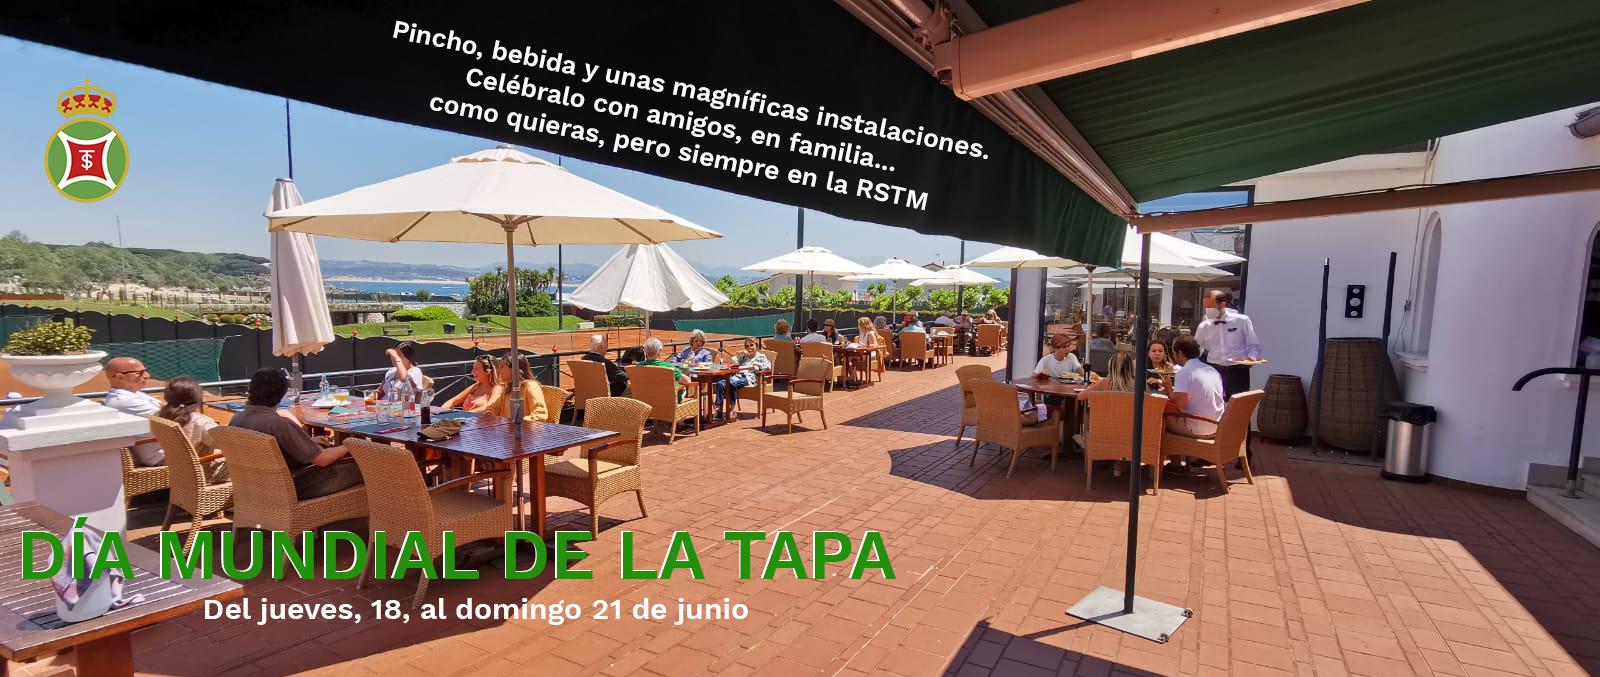 Día Mundial de la Tapara 2, 16.06.20